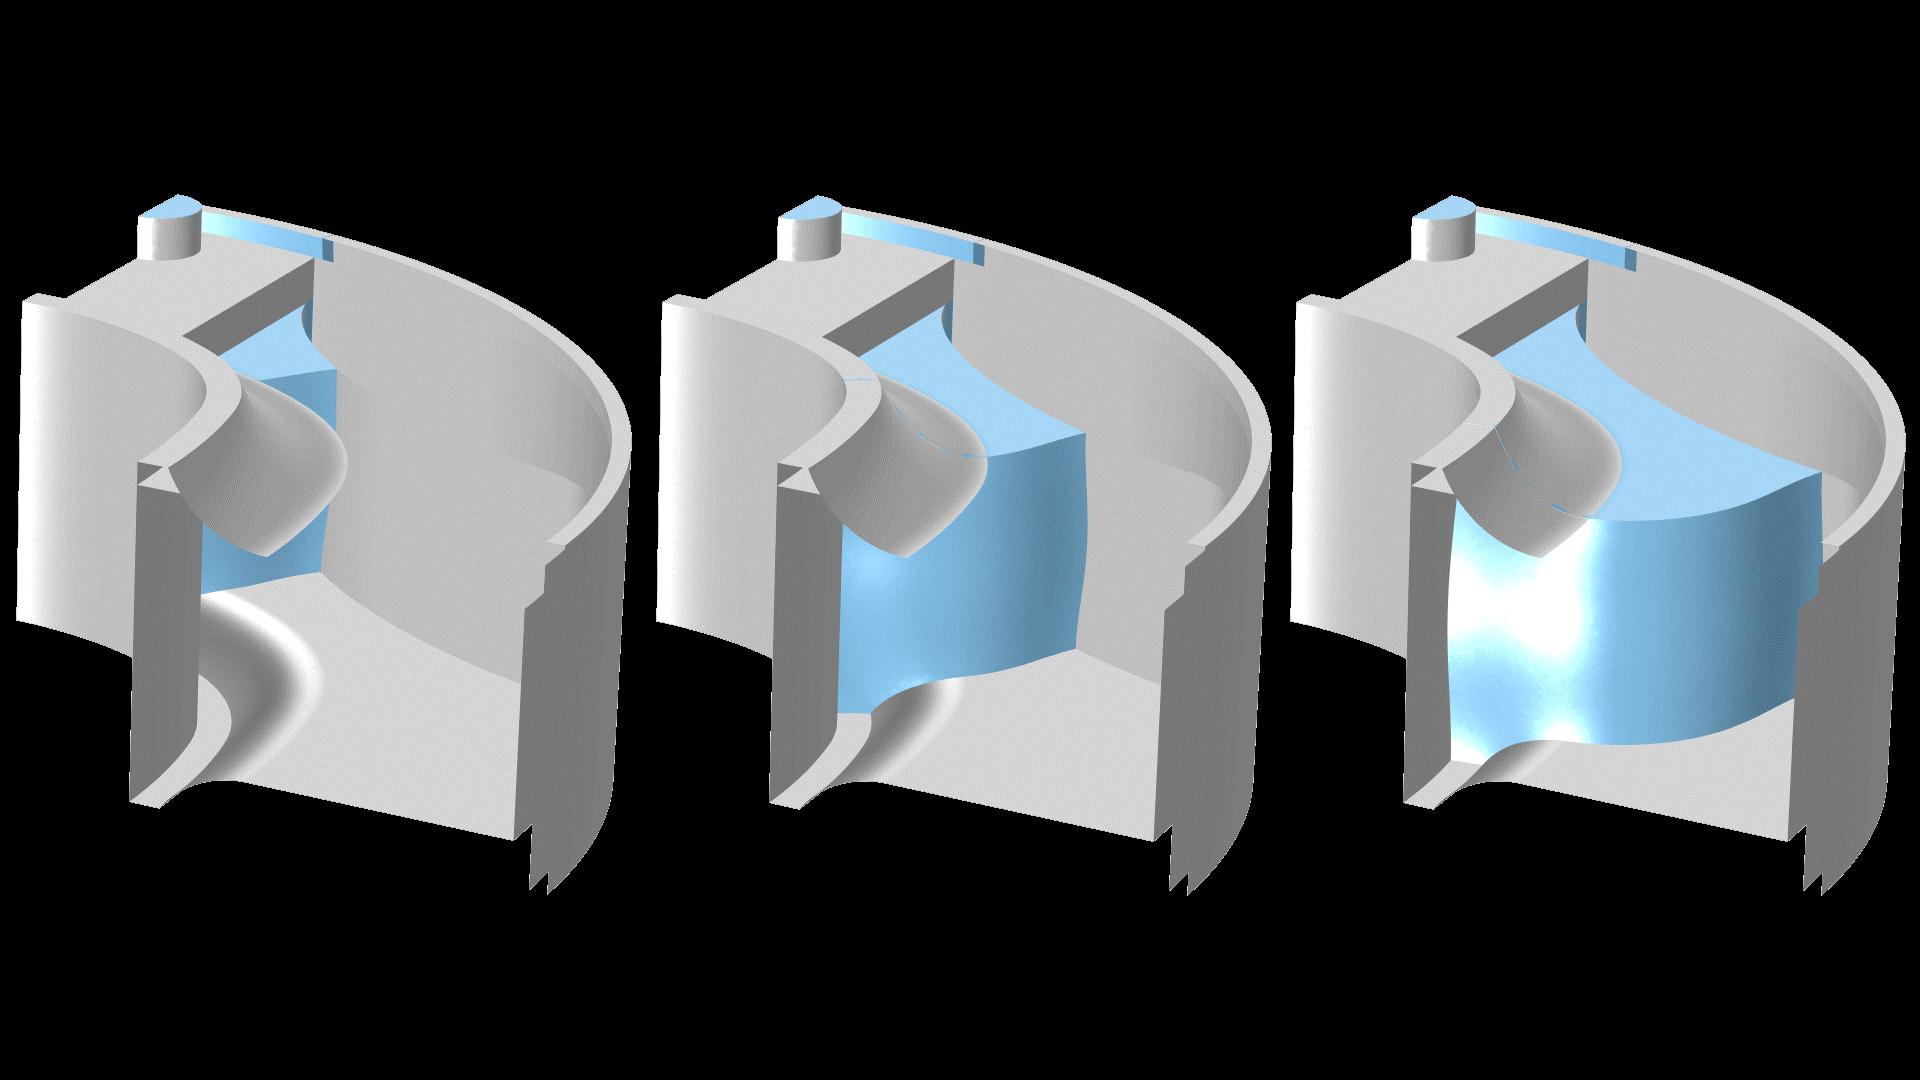 용융 고무 용액의 금형 충전. 이 모델은 Power Law 비탄성 모델을 적용하여 금형에서 나오는 공기의 흐름에 대한 고무 용융 및 뉴턴 흐름의 동작을 설명합니다. 위상 필드 방법은 위상 사이의 계면을 추적하는데 사용됩니다.